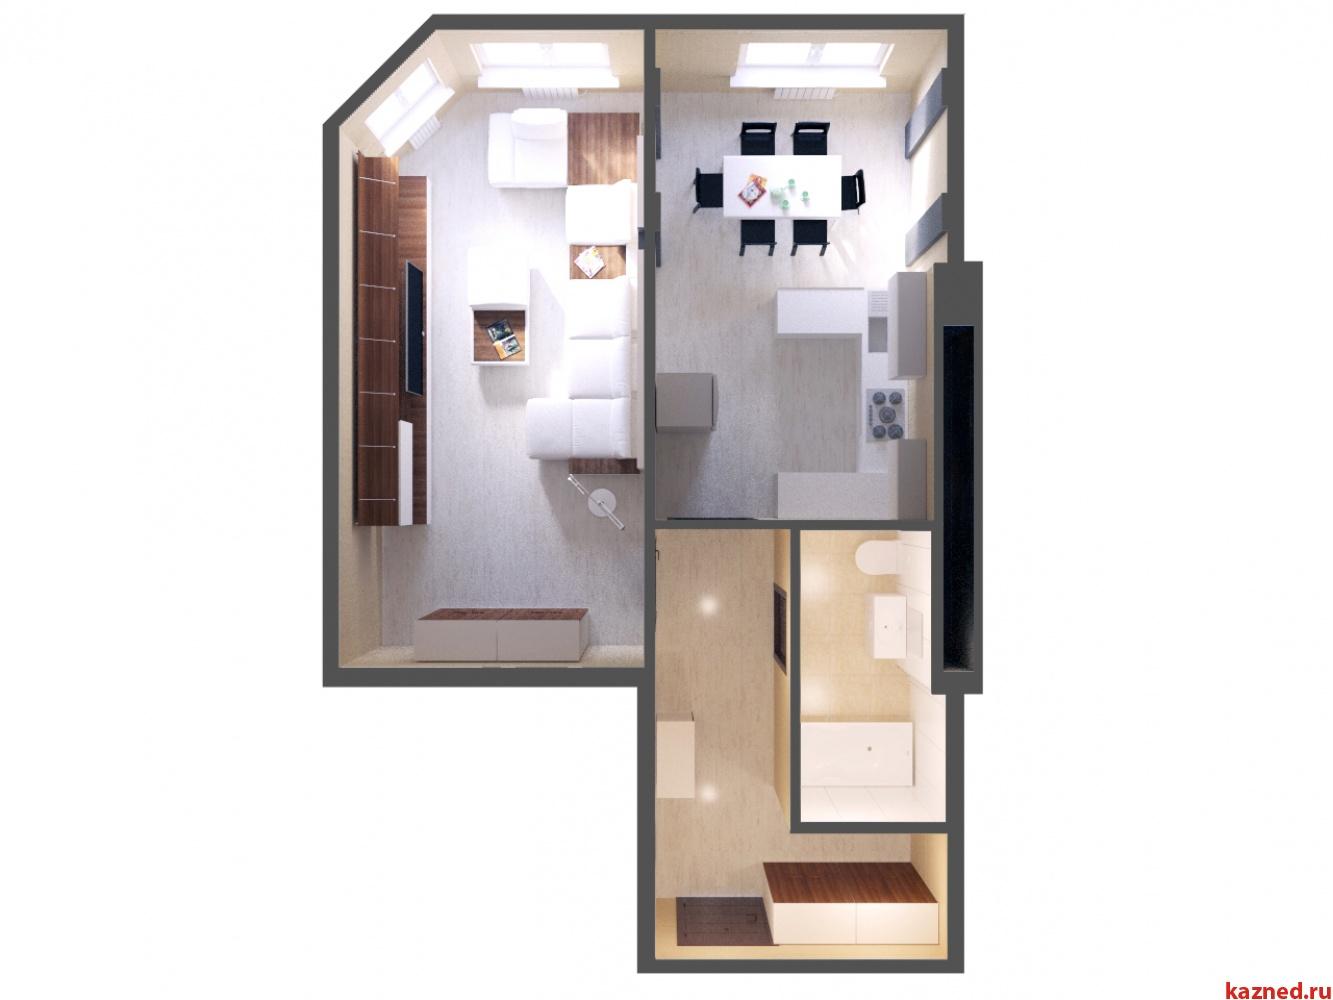 Продажа 1-к квартиры ЖК Светлый, 52 м² (миниатюра №2)